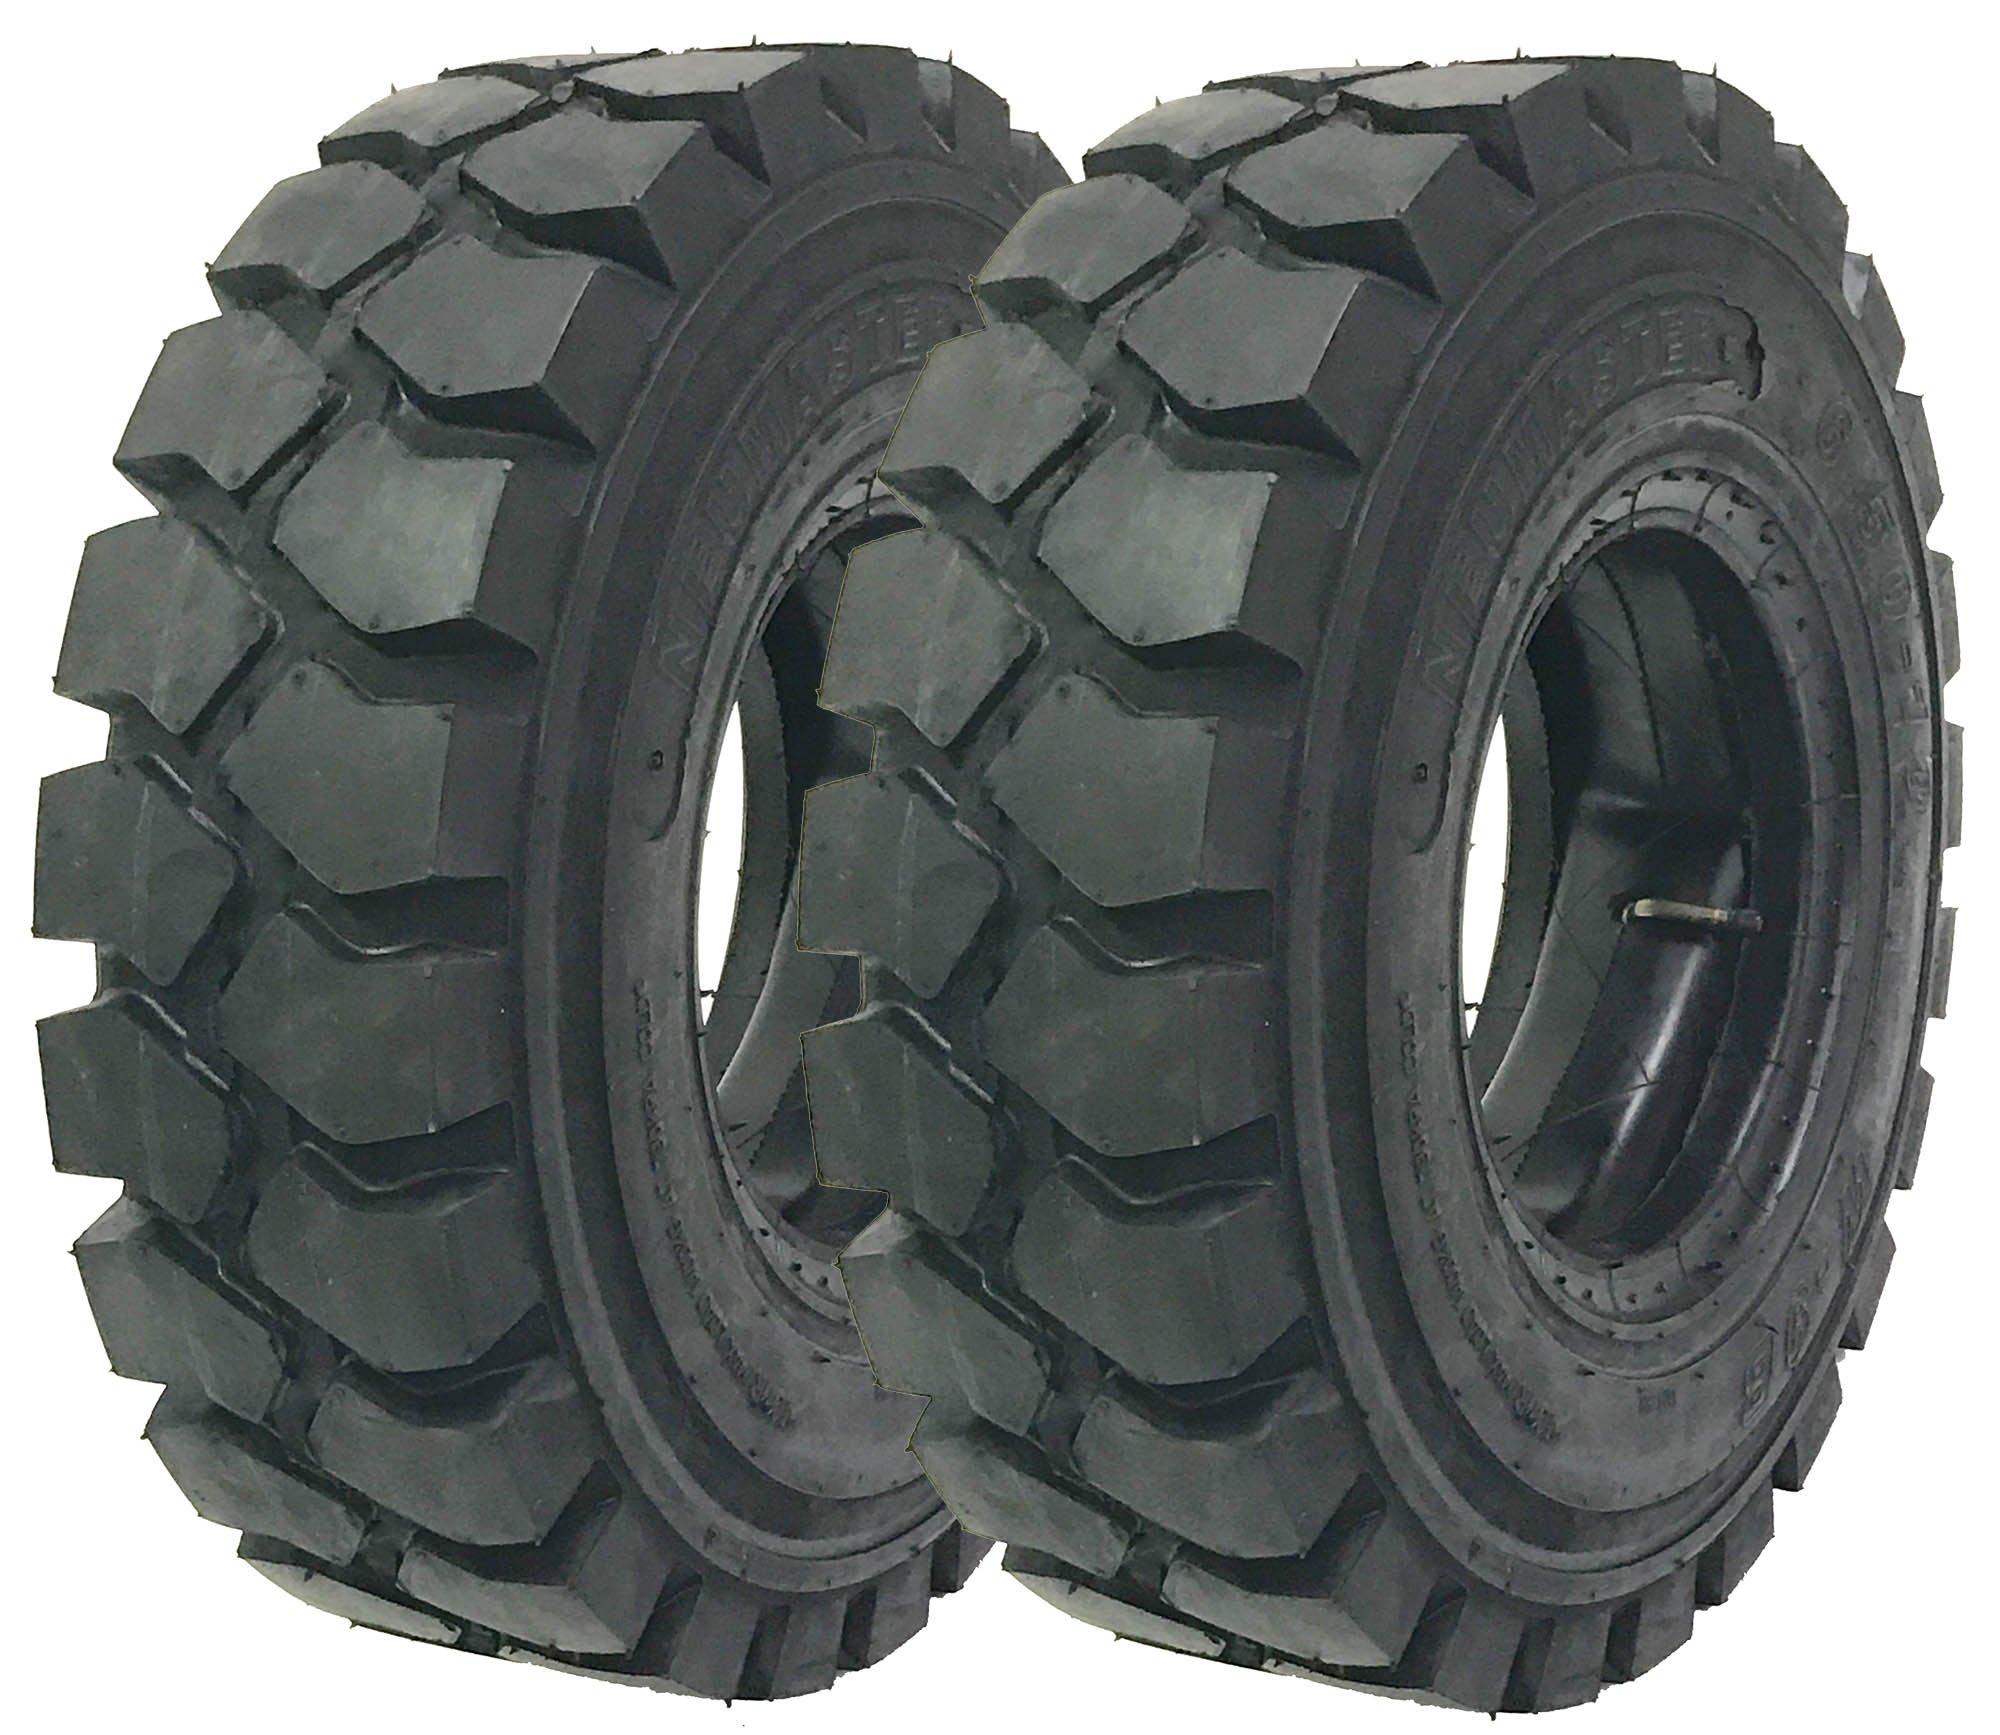 2 New Zeemax Heavy Duty 5.00-8 /10TT Forklift Tires w/Tube & Flap Rim Guard